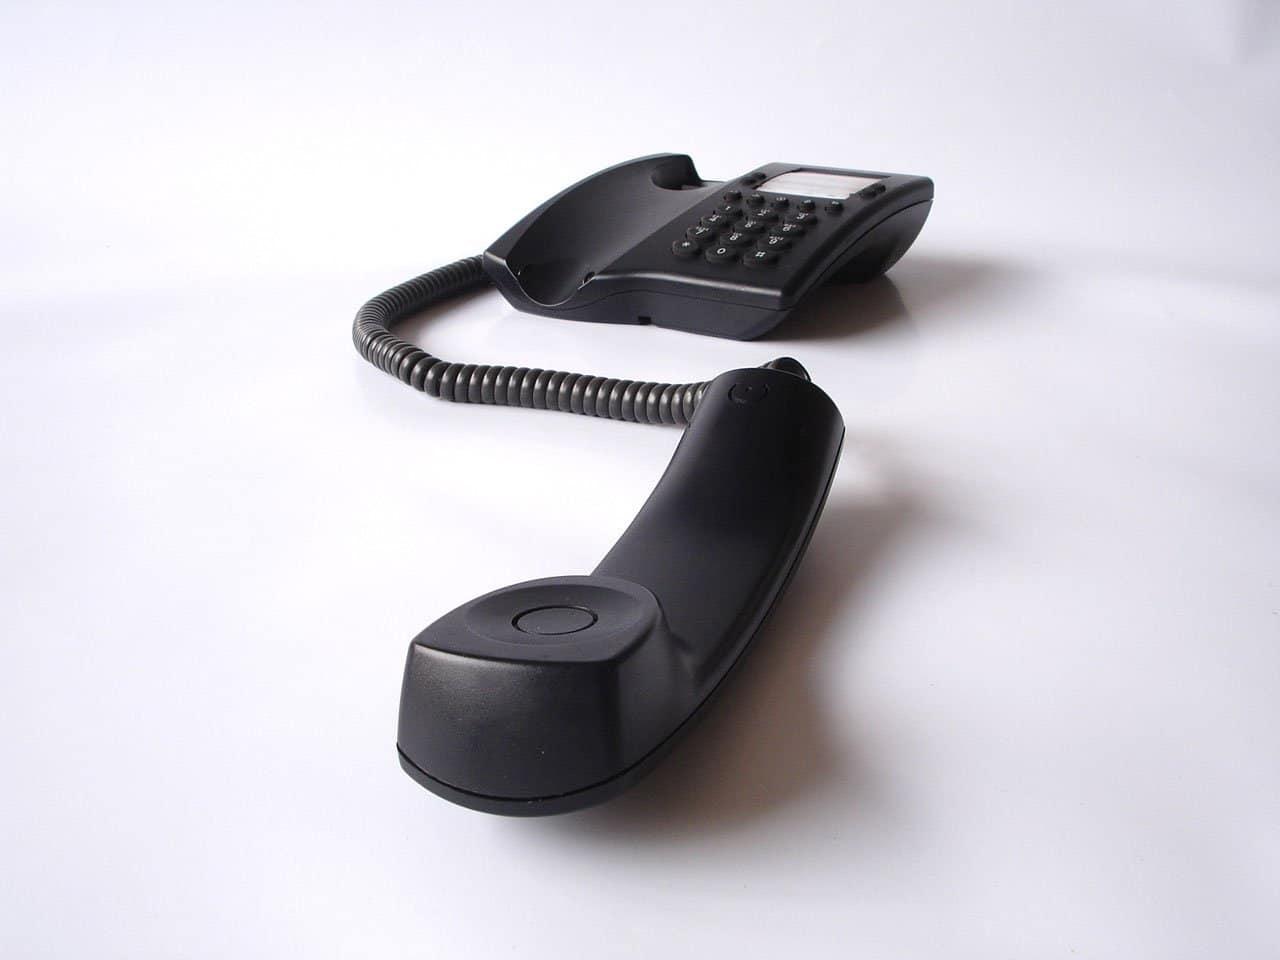 วาง router ให้ห่างจากโทรศัพท์บ้านและสิ่งรบกวนต่างๆ วาง router ให้ห่างจากโทรศัพท์บ้านและสิ่งรบกวนต่างๆ